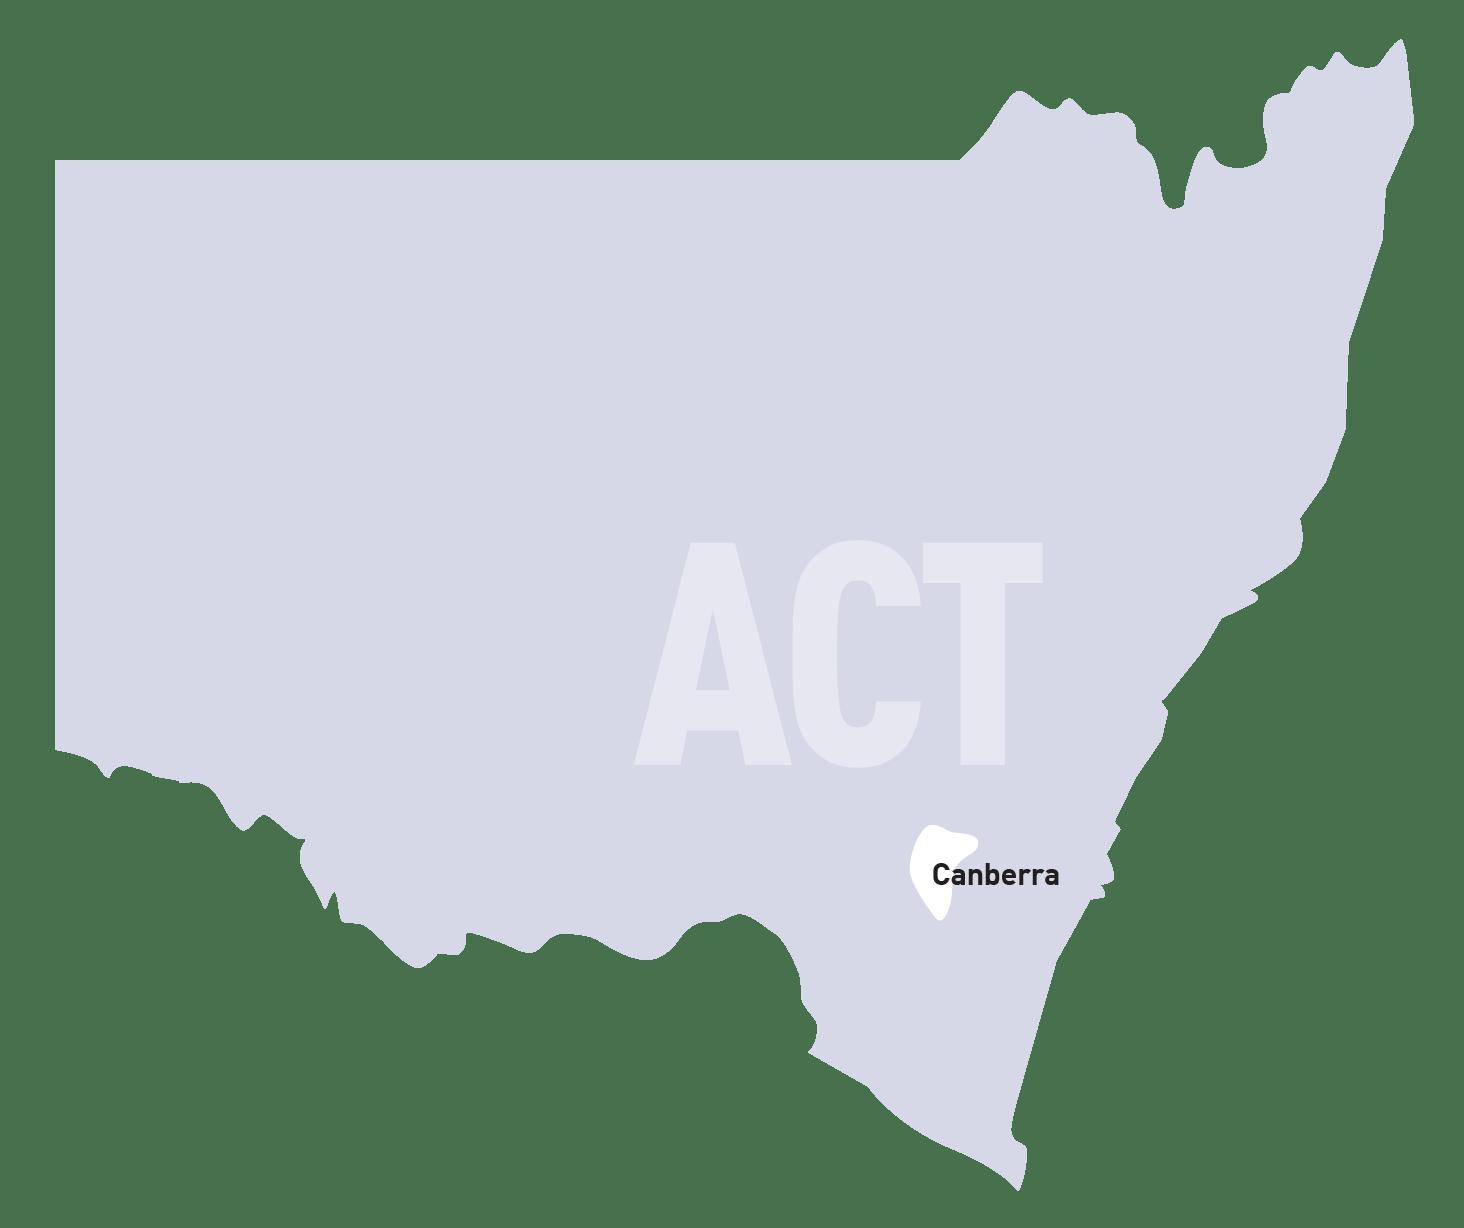 SUEZ States Maps NSW 2